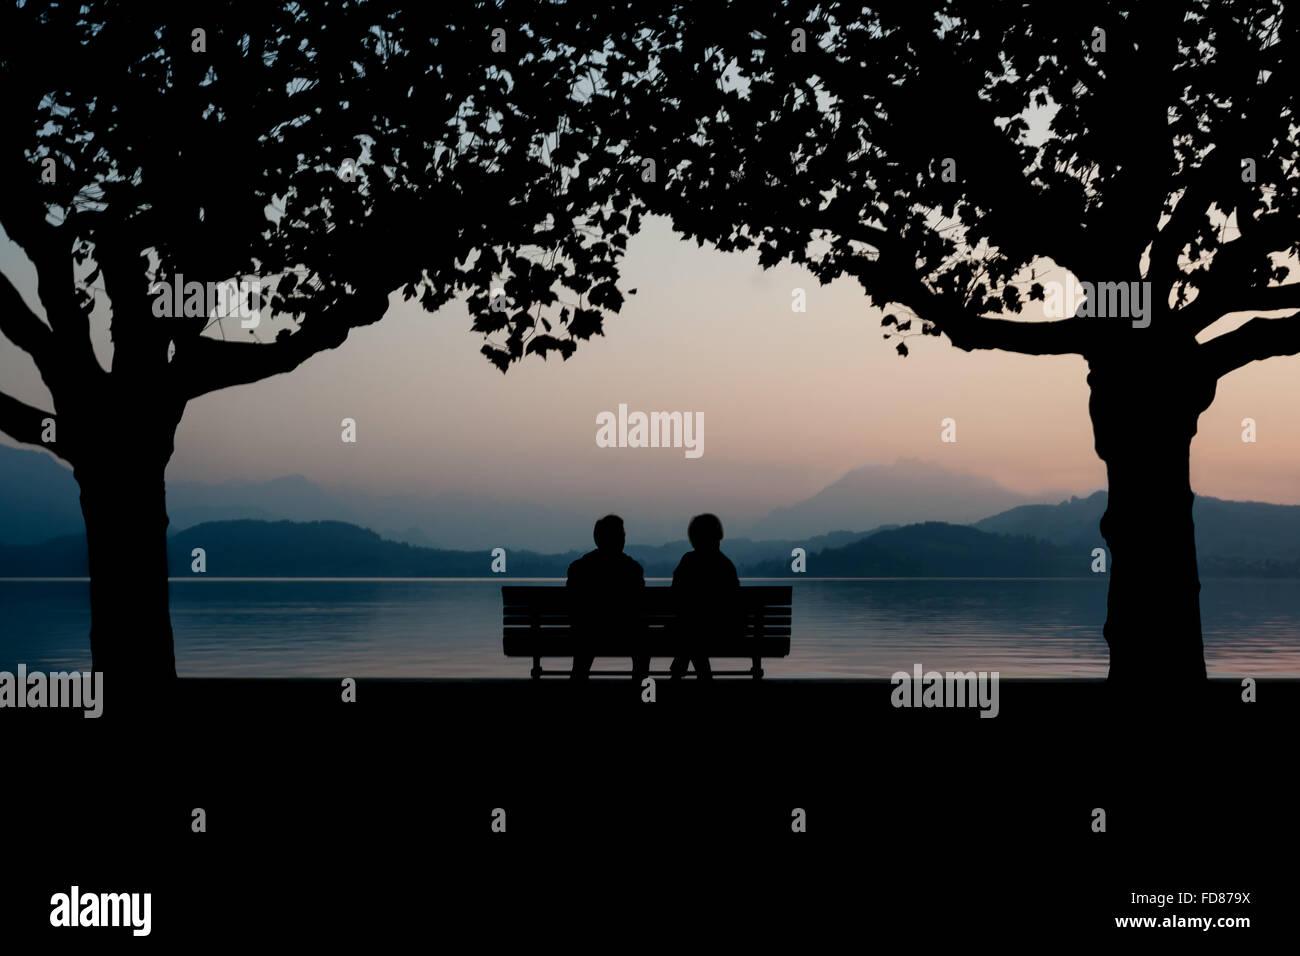 Silhouette giovane seduto su un banco di lavoro dal lago calmo al crepuscolo Immagini Stock